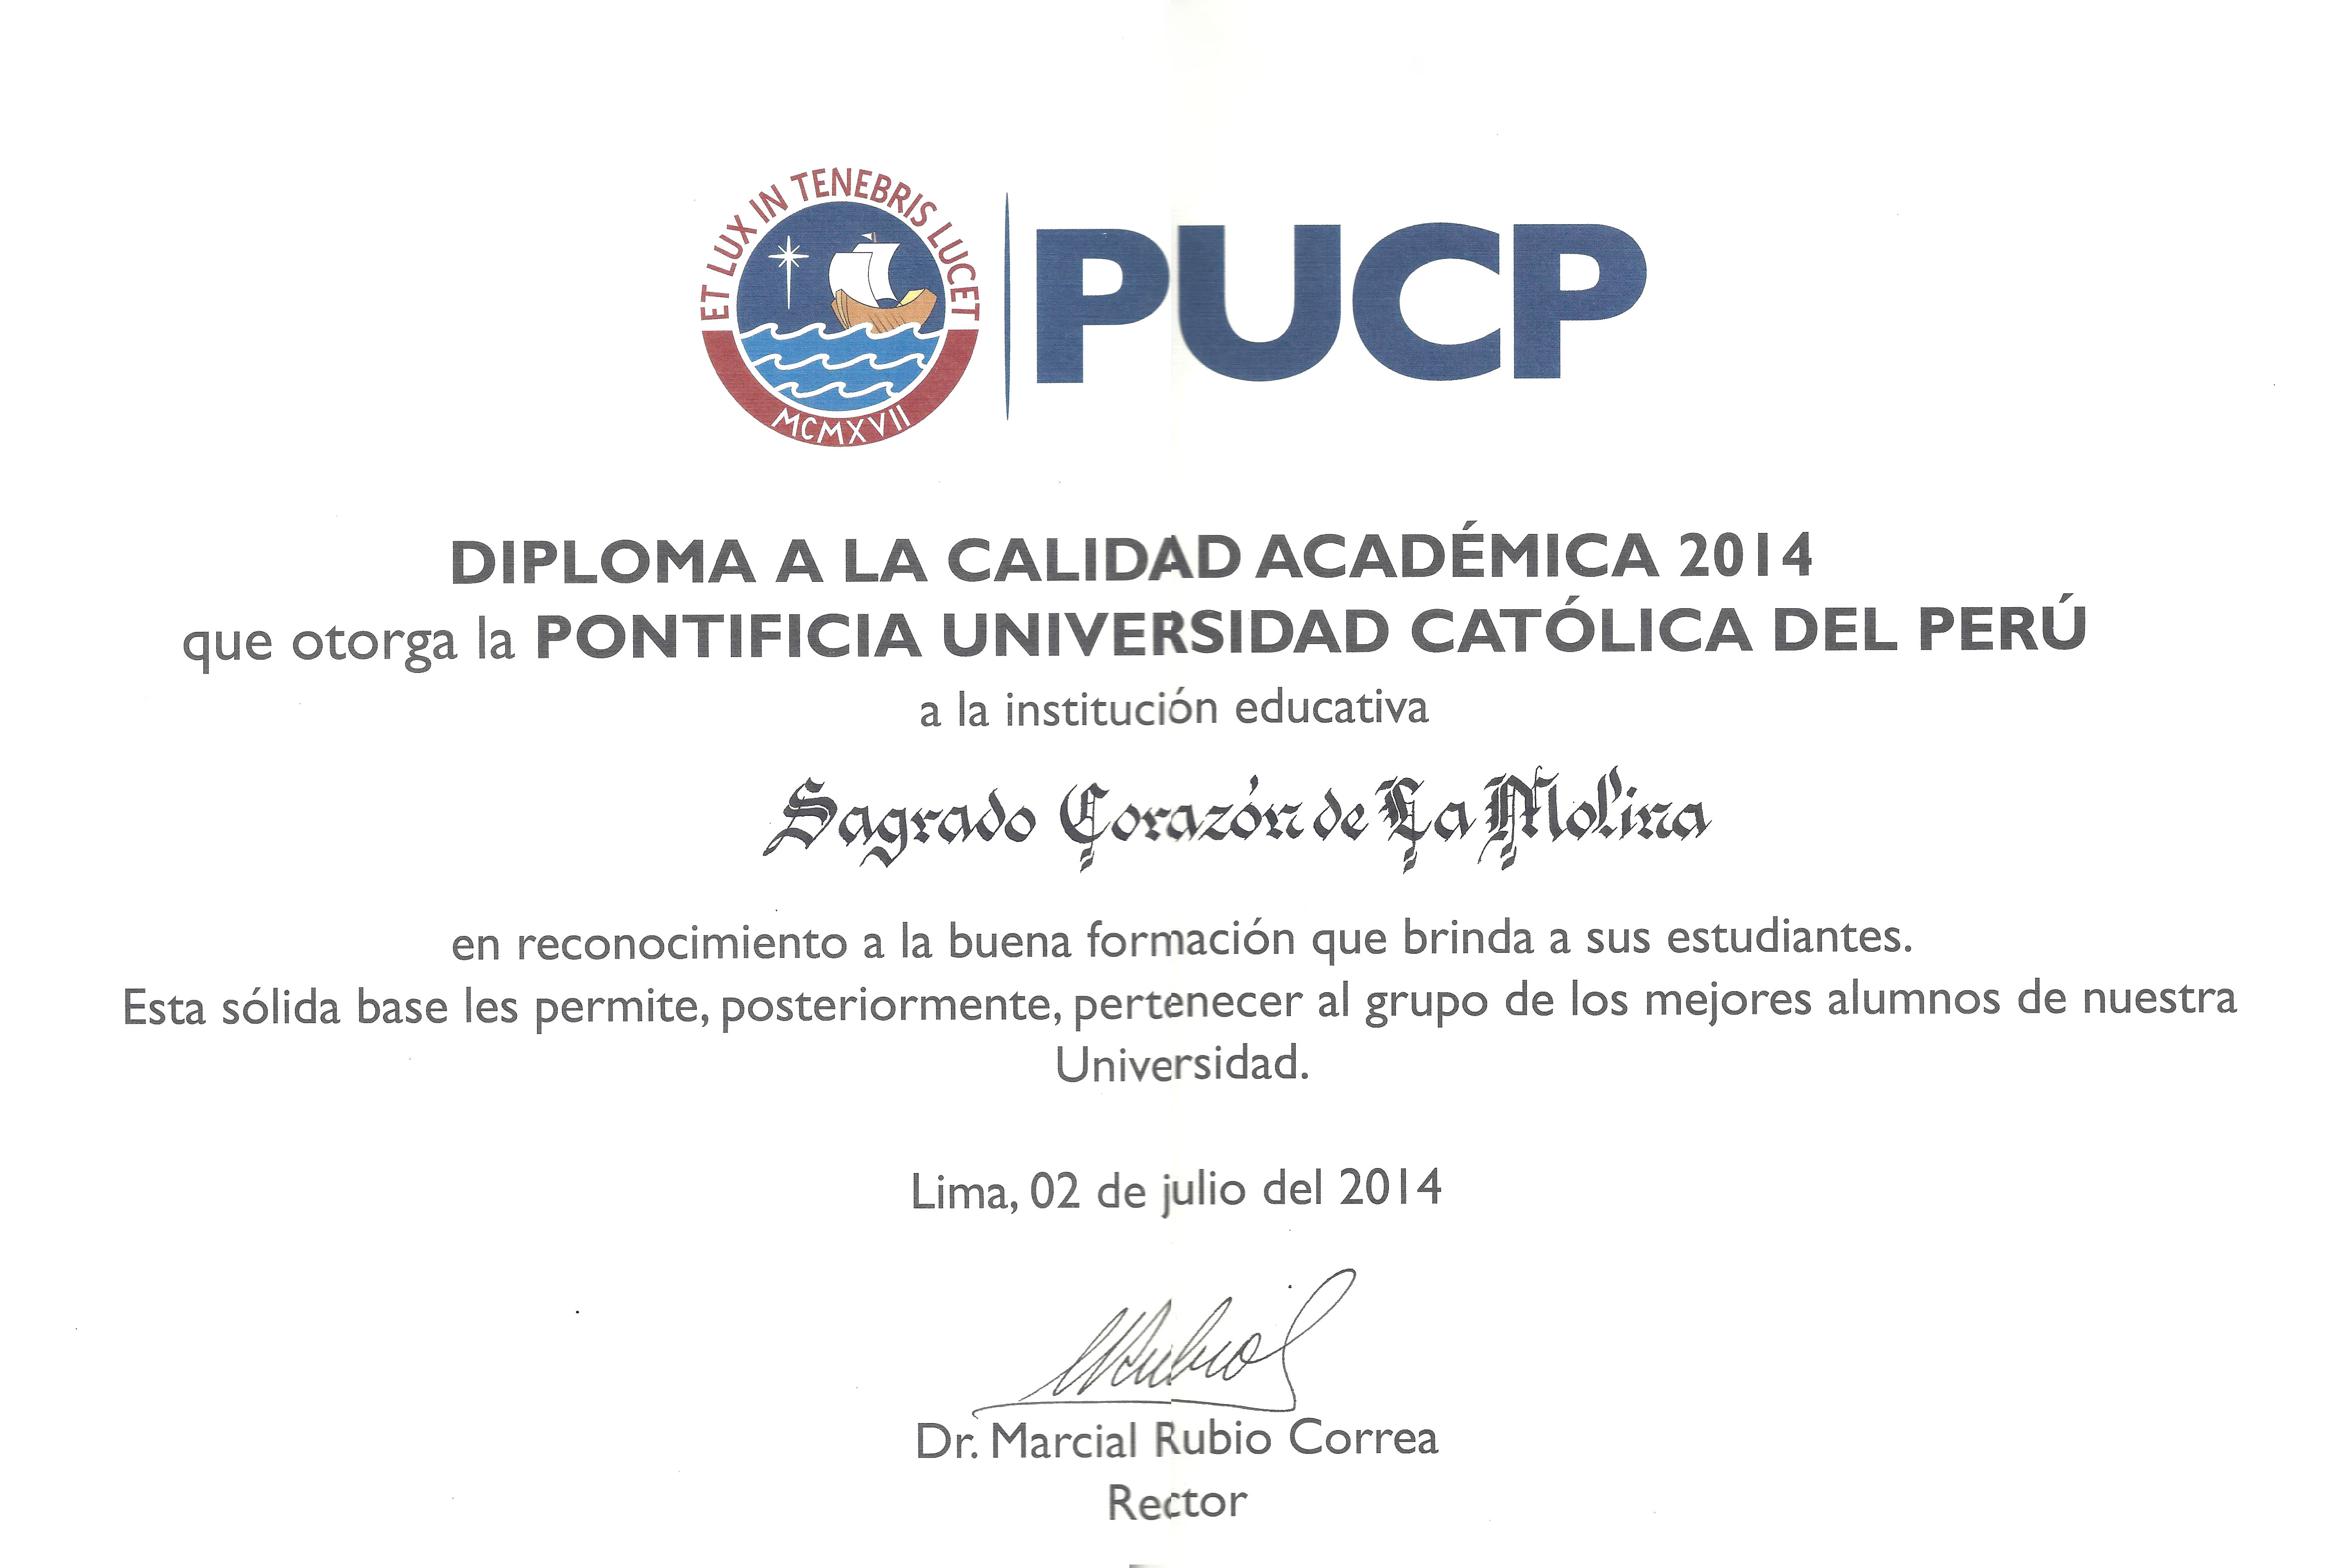 PUCP 2014